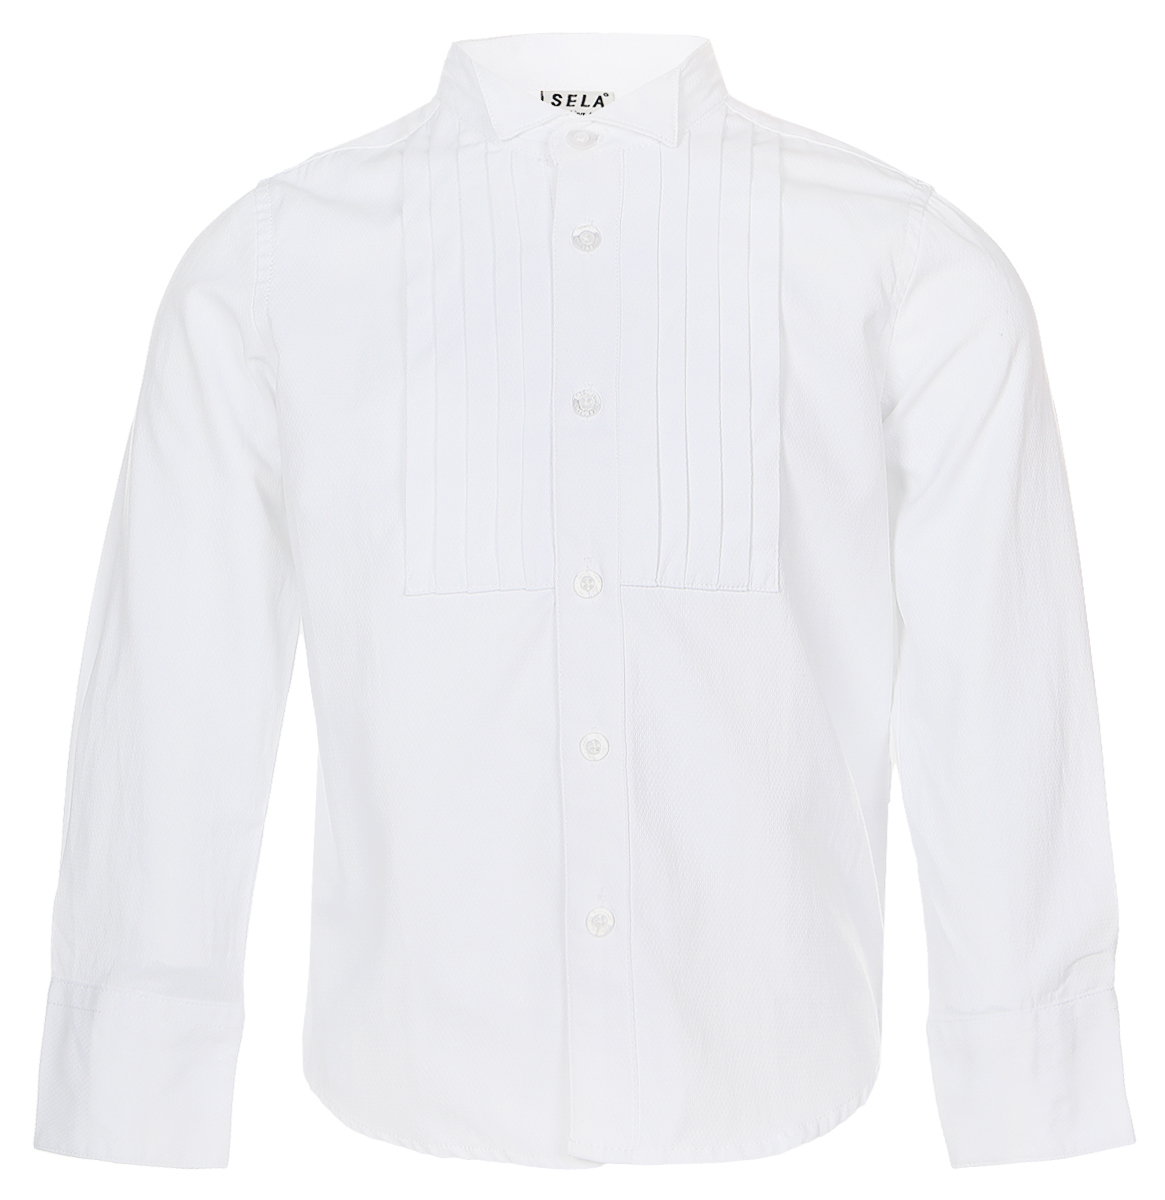 Рубашка для мальчика Sela, цвет: белый. H-712/447-6416. Размер 98, 3 годаH-712/447-6416Стильная рубашка для мальчика Sela изготовлена из качественного сочетания хлопка и полиэстера.Рубашка с длинными рукавами и воротником-стойкой застегивается на пластиковые пуговицы по всей длине. Манжеты рукавов также застегиваются на пуговицы. Классическая однотонная рубашка оформлена спереди горизонтальными складочками.